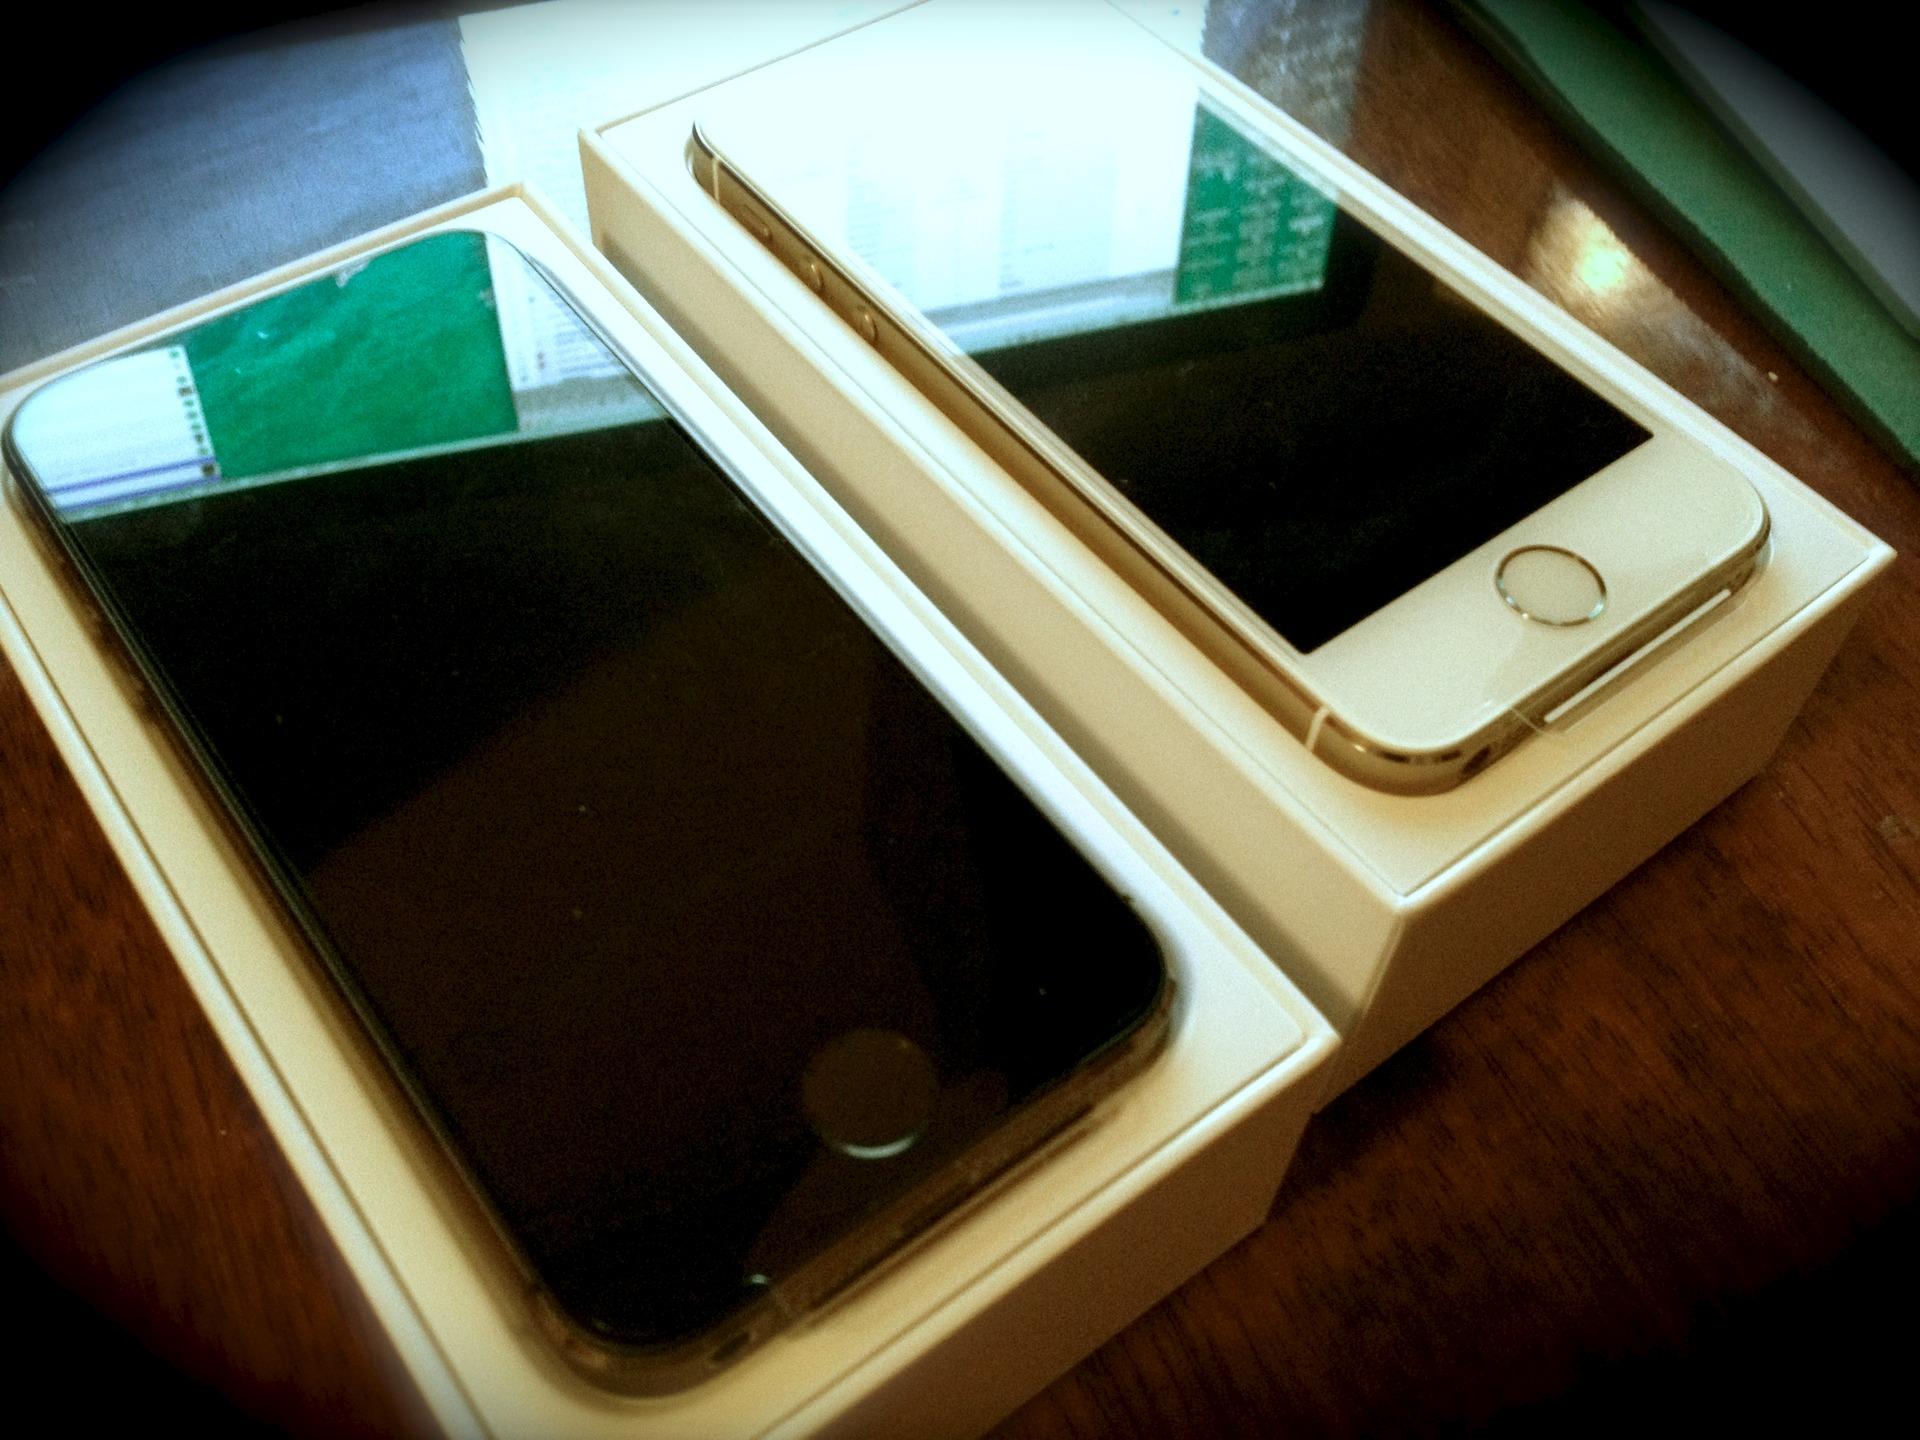 Айфон 5 s 1530 купить 2